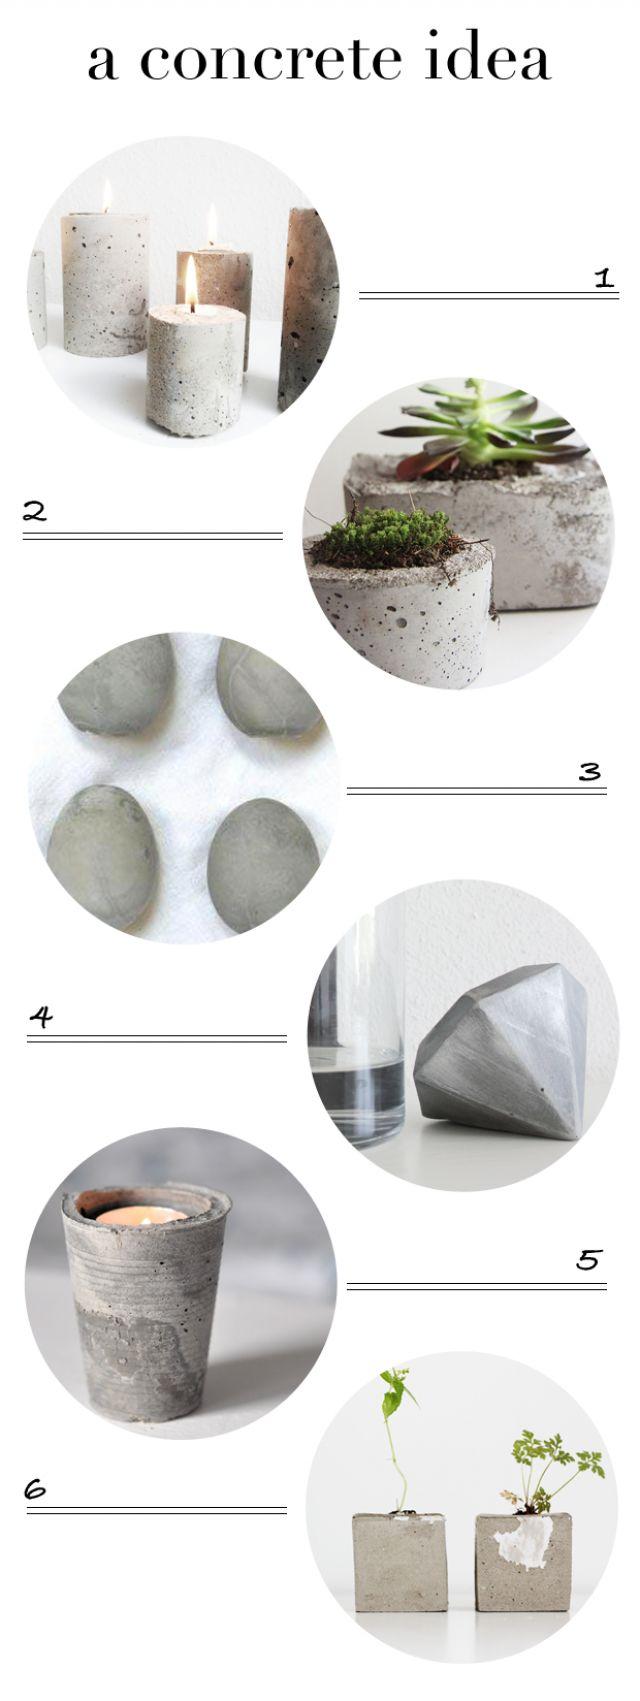 cc-diy-concrete - Callooh Callay